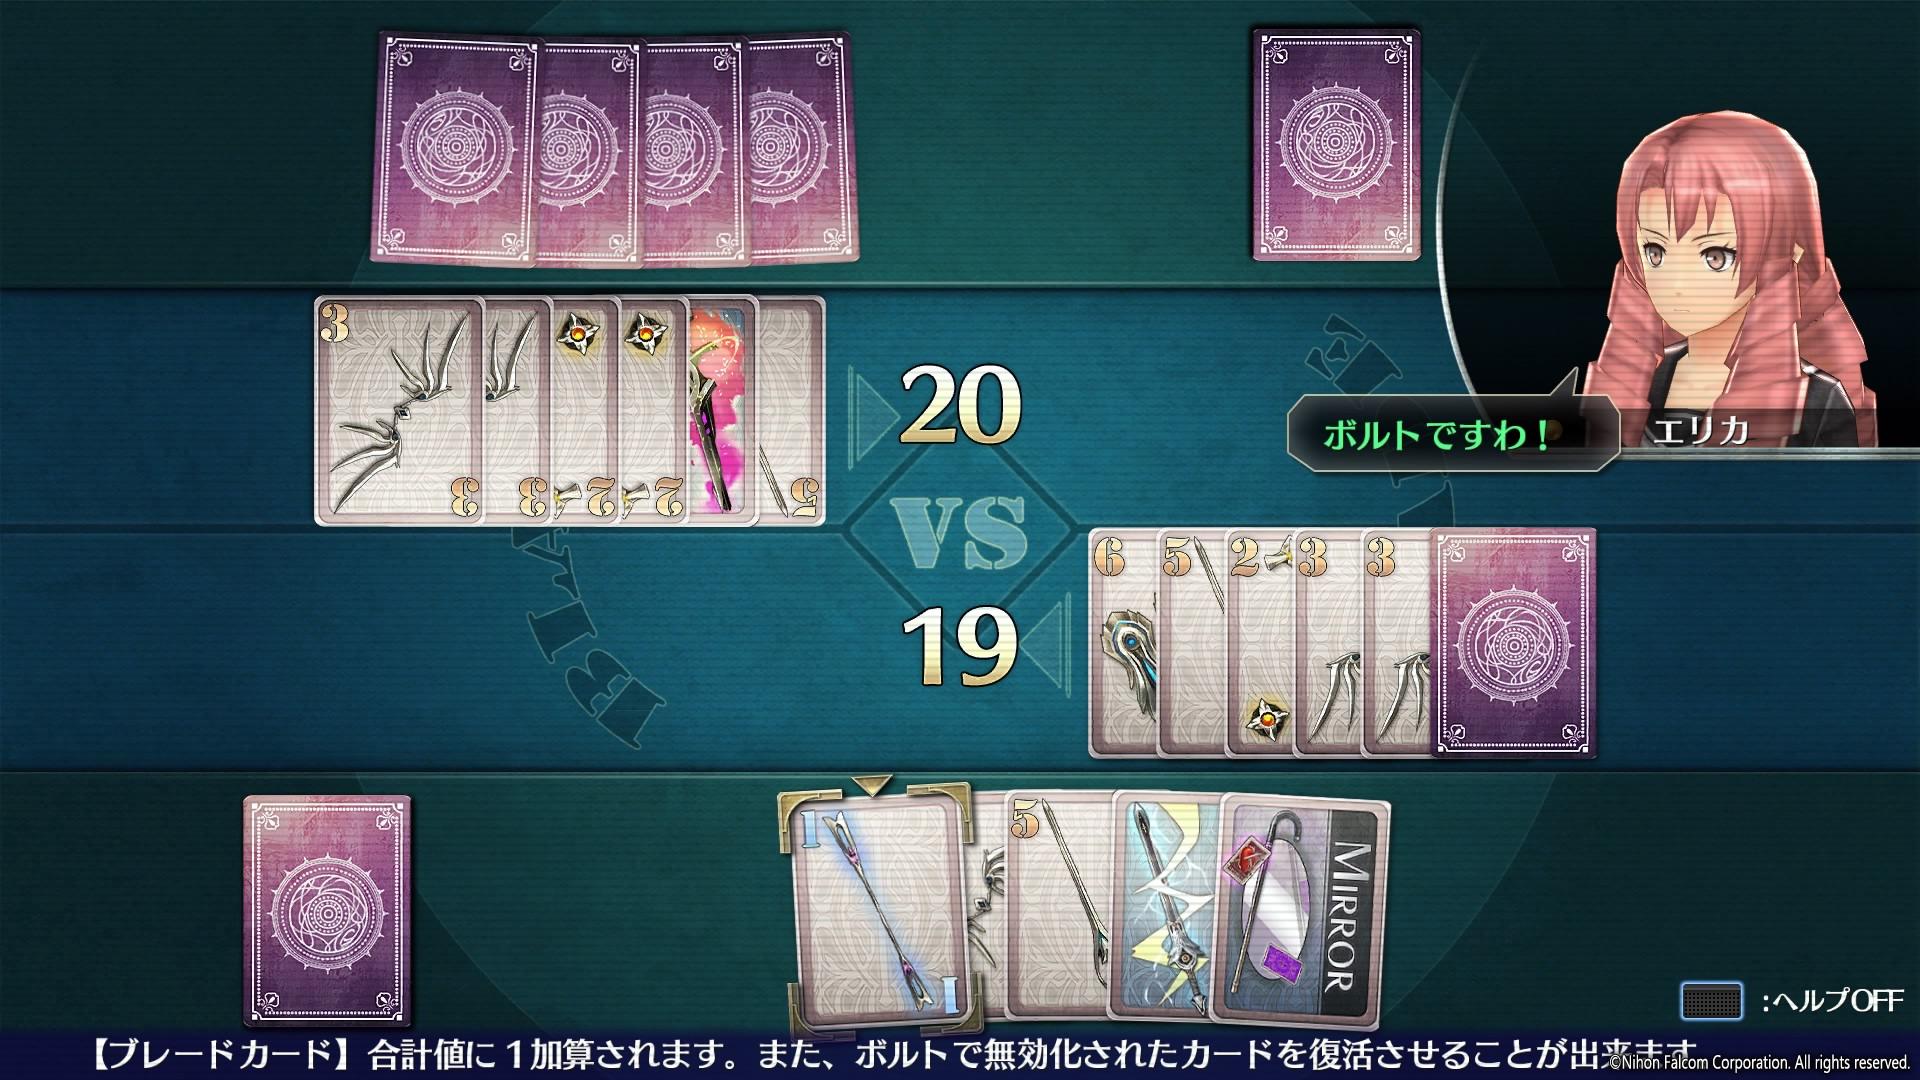 """同社のRPG「閃の軌跡」でも登場したカードゲーム""""ブレード""""がネット対戦型ゲームとして登場。作中のゲームセンターでさまざまな人物を相手にプレイできる"""